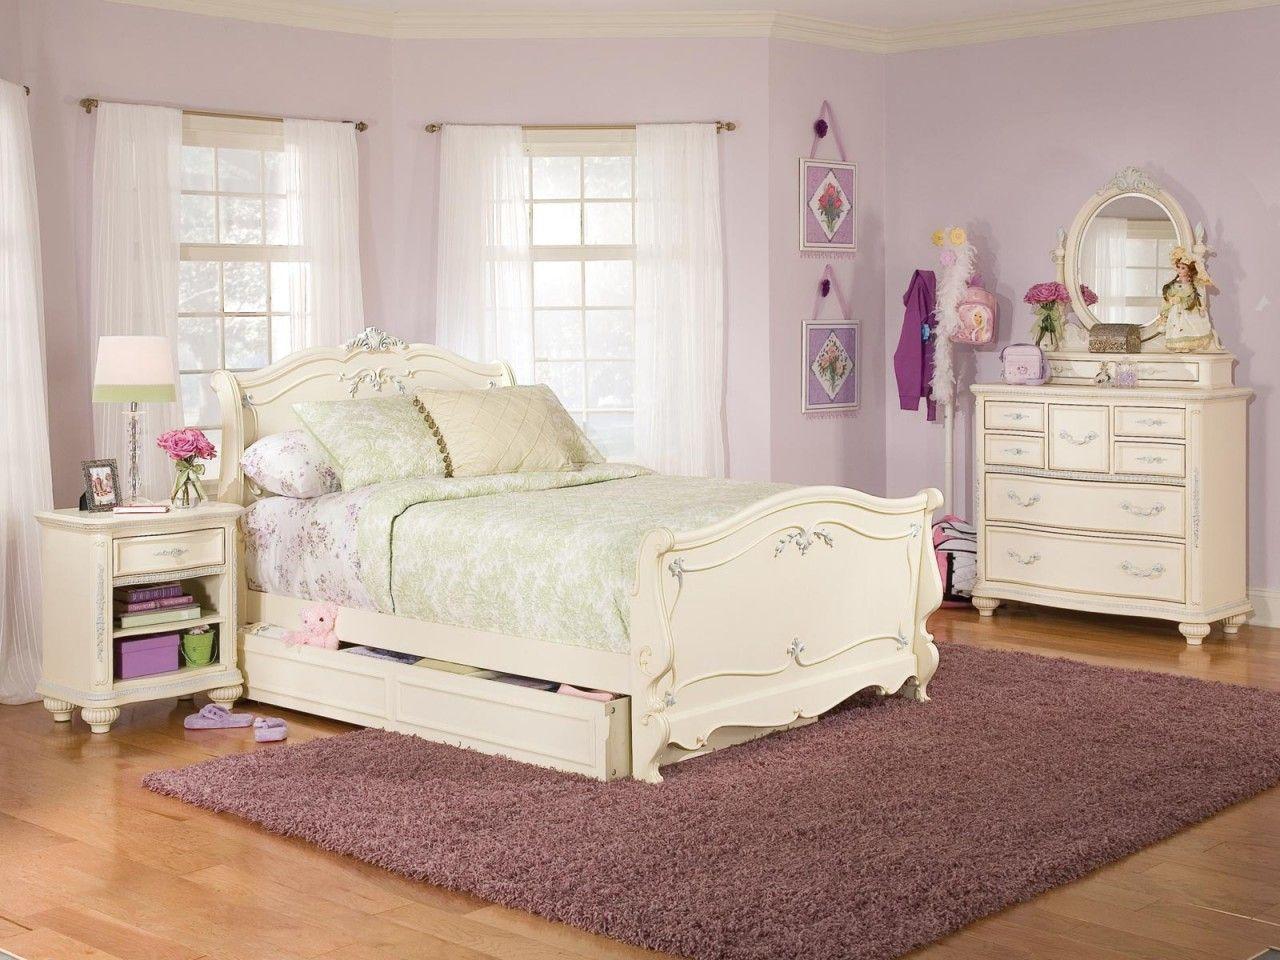 girls bedroom furniture sets Girls Black Bedroom Set Kids Twin Bed ...